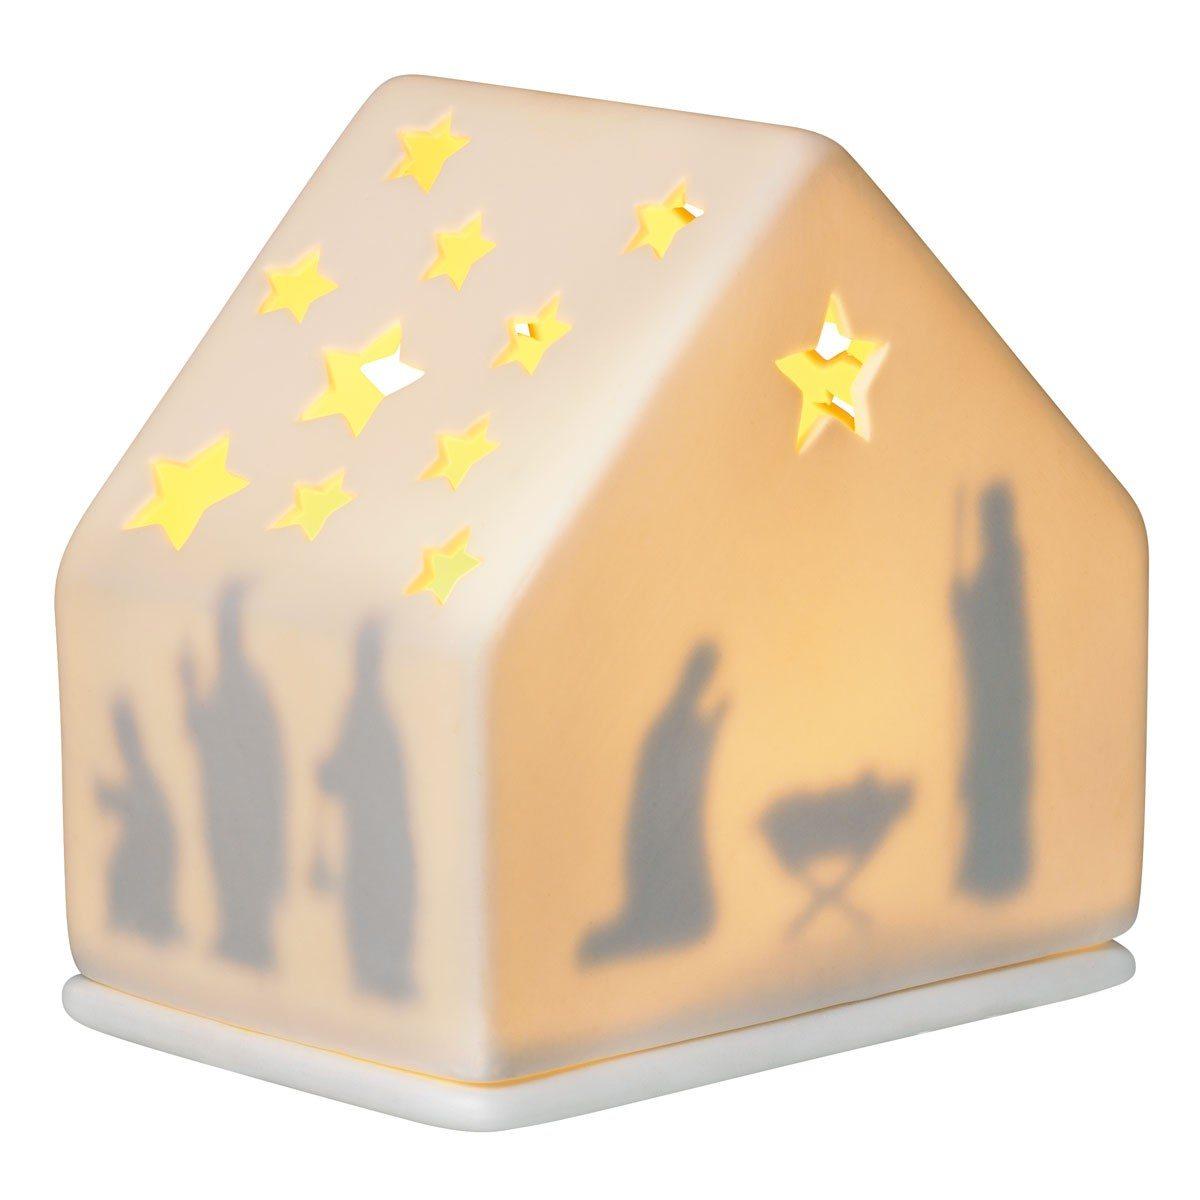 Julelanterne med stjernehimmel